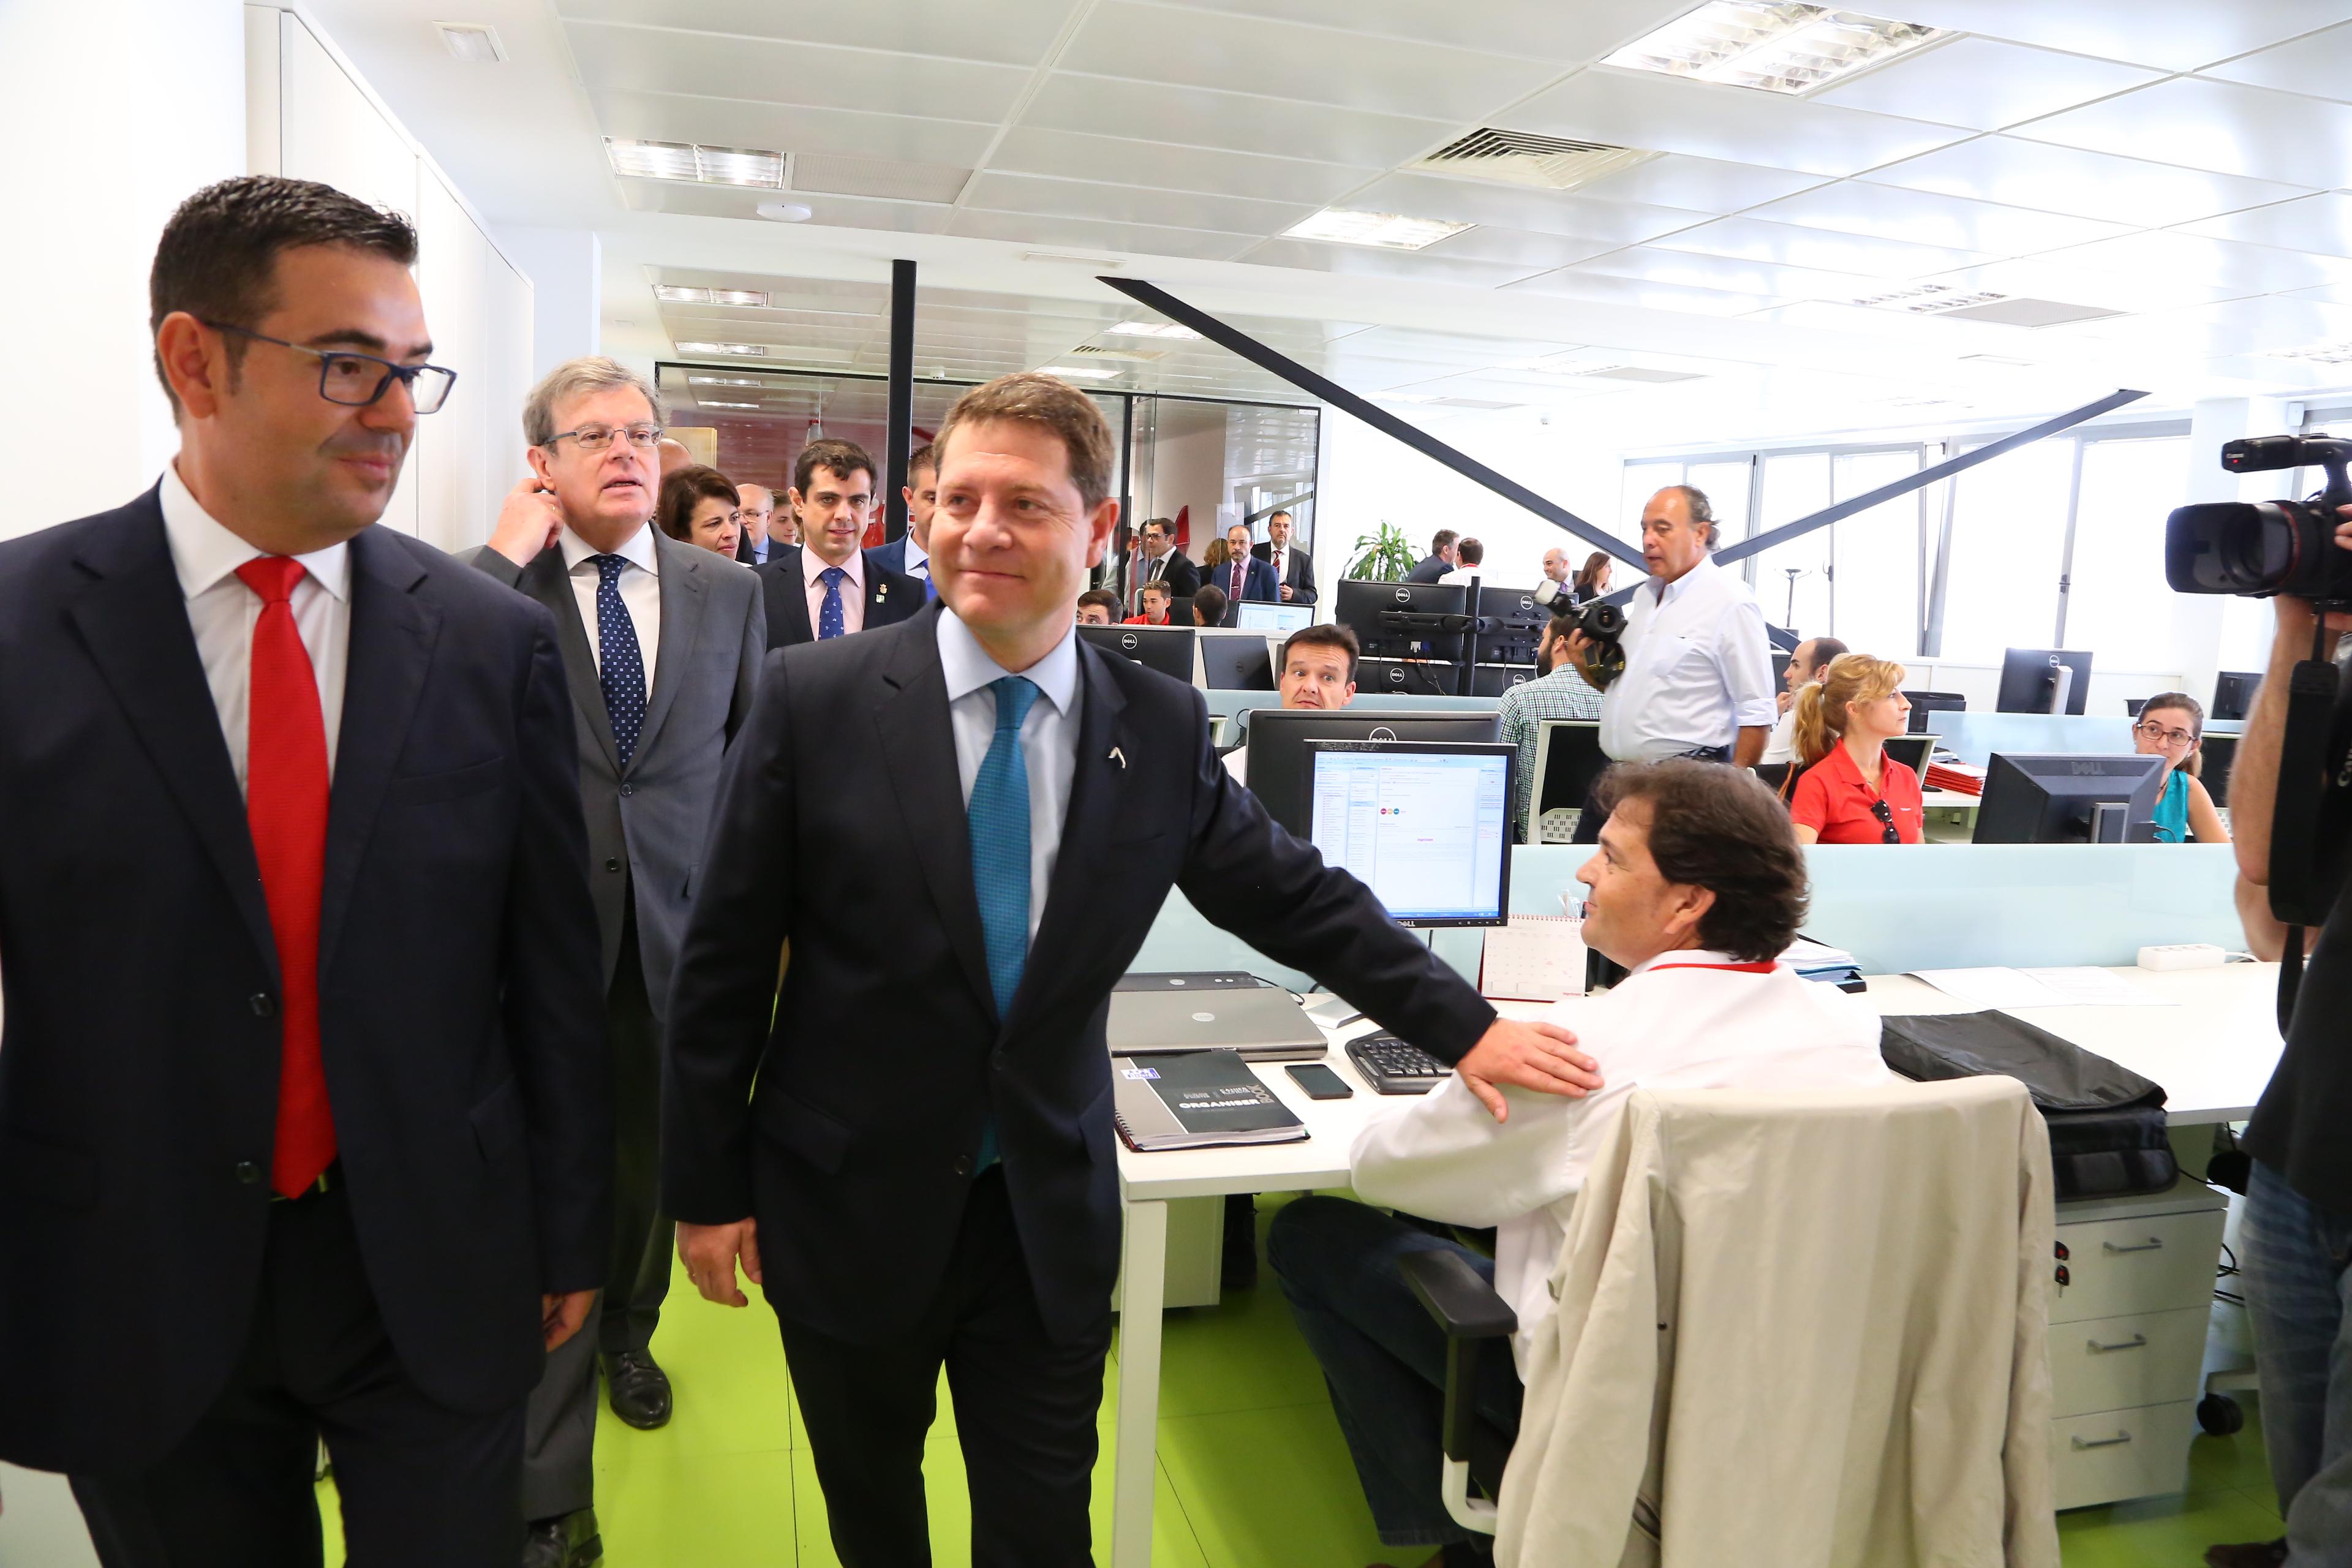 El presidente garc a page asiste inaugura la ampliaci n de for Oficina correos albacete